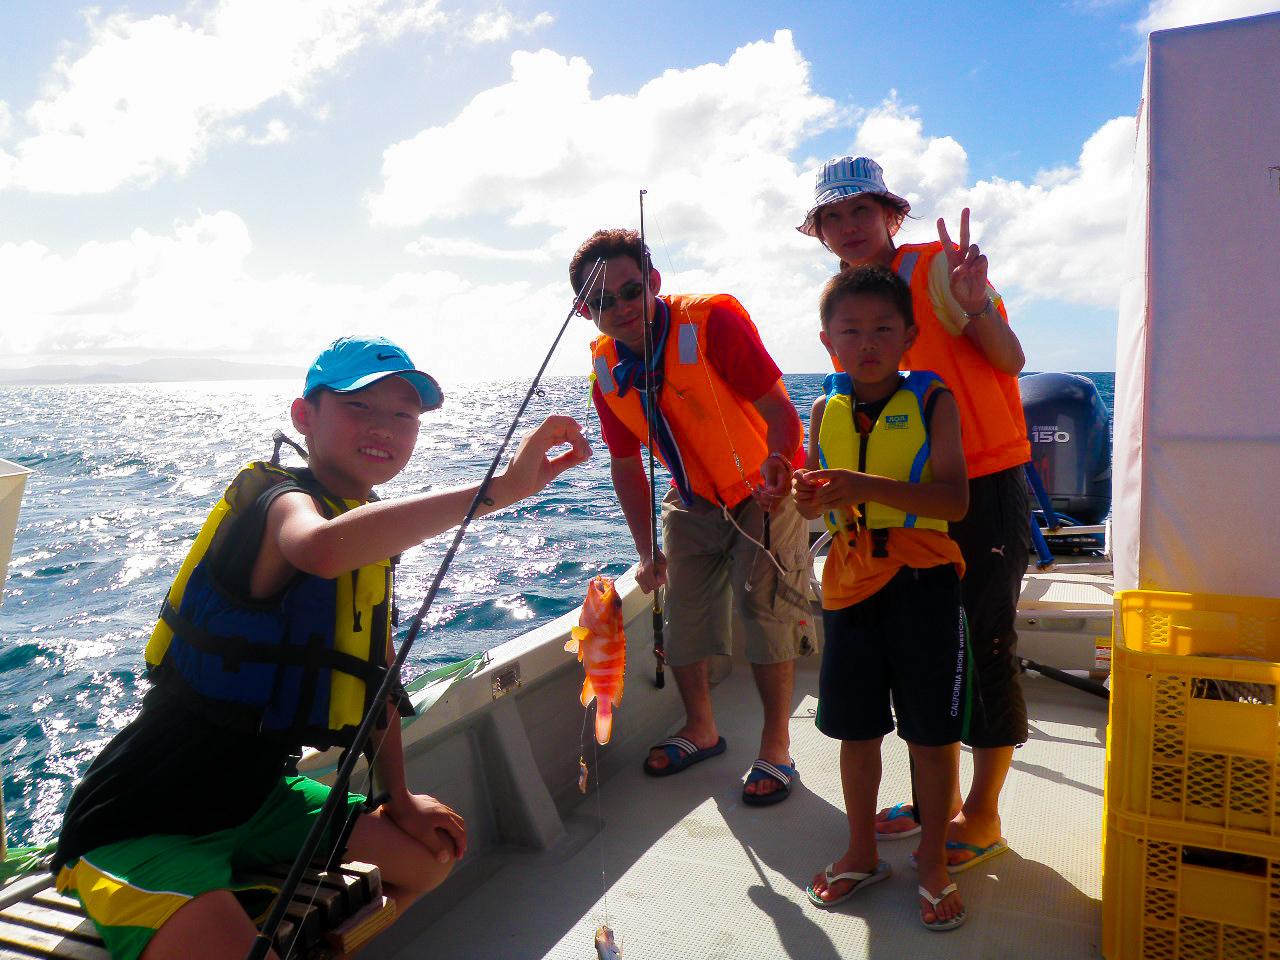 釣りツアーに参加するファミリー